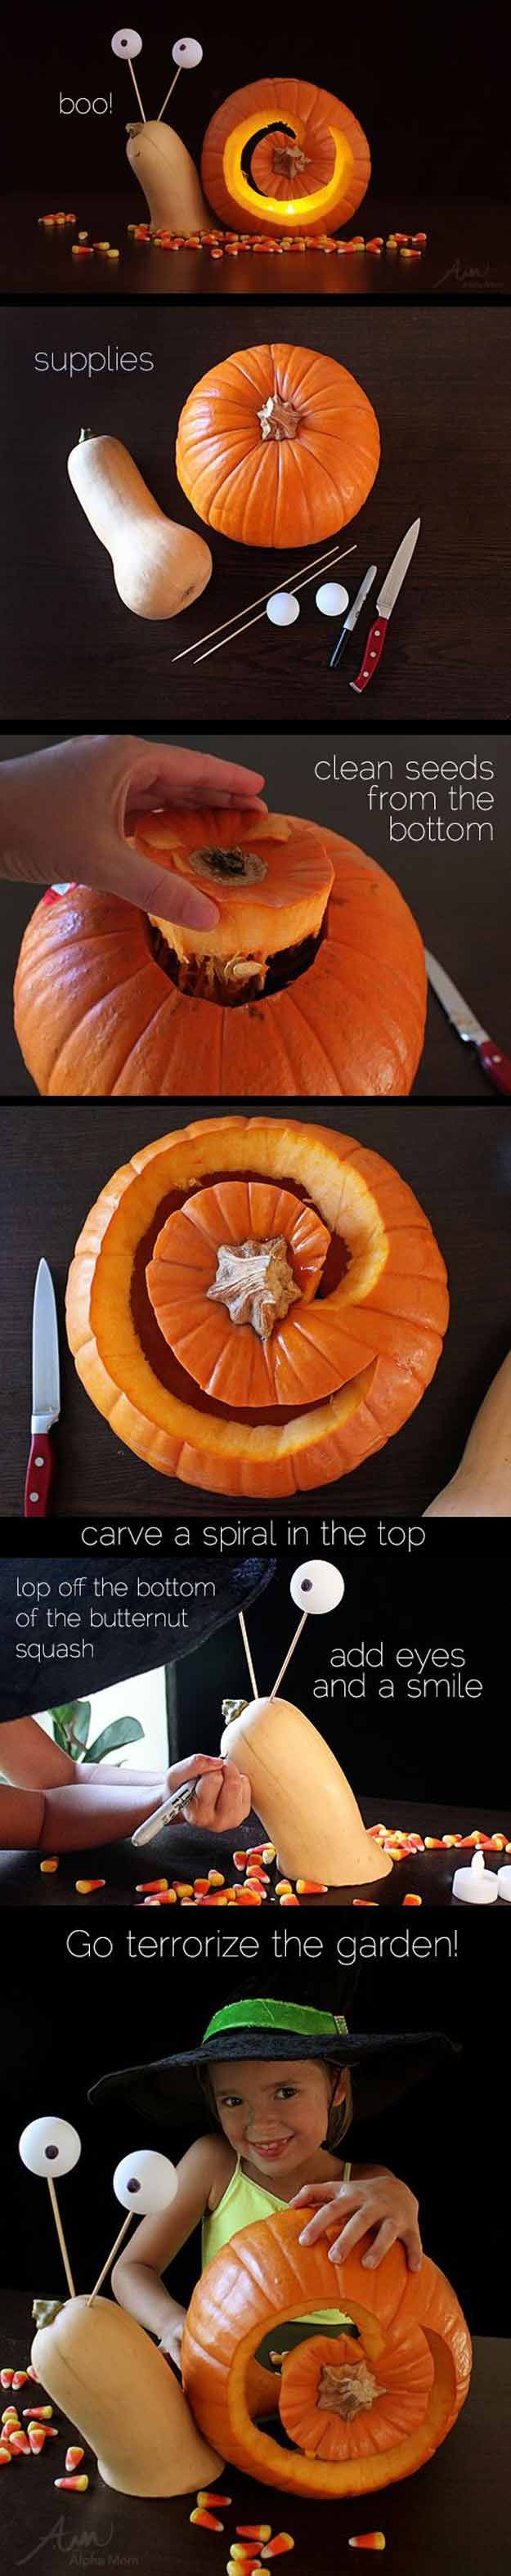 best halloween images on pinterest halloween ideas halloween